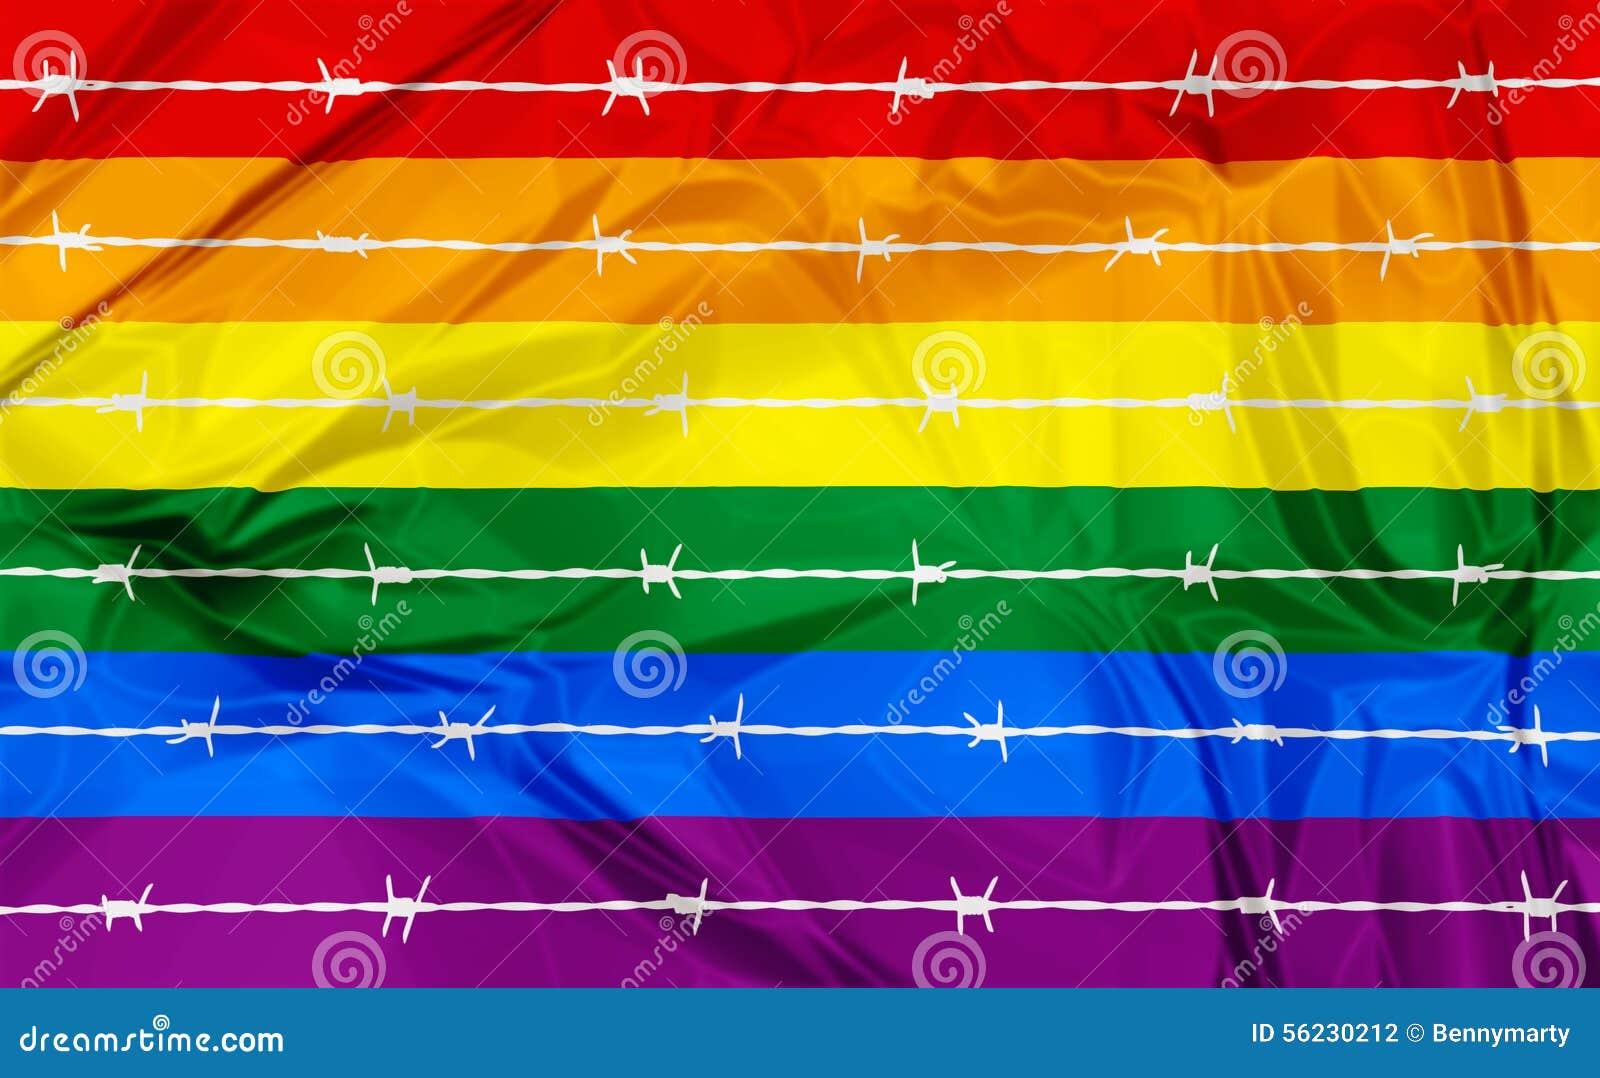 Homosexualidad y homofobia